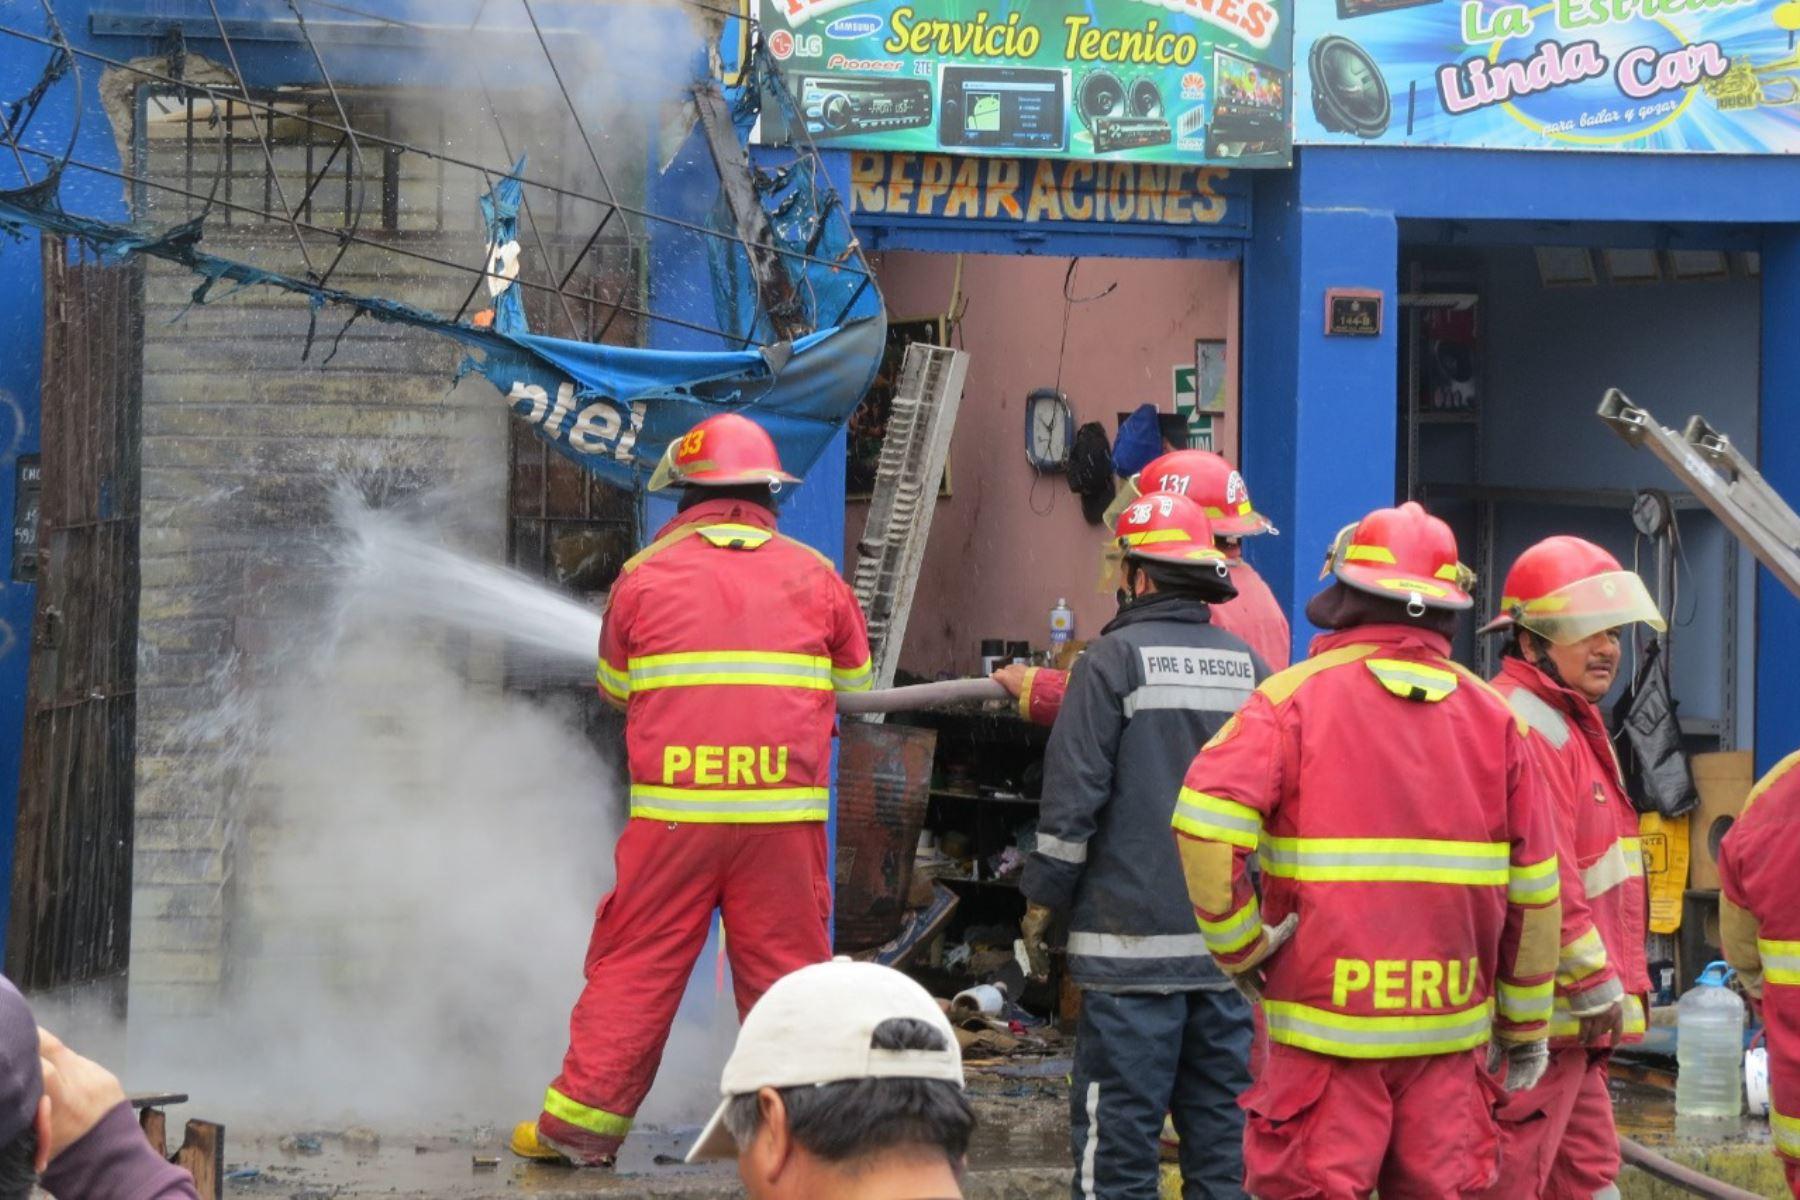 Incendio en mercado informal de Chimbote causó daños en 80 puestos en mercado y tres viviendas. Foto: Gonzalo Horna